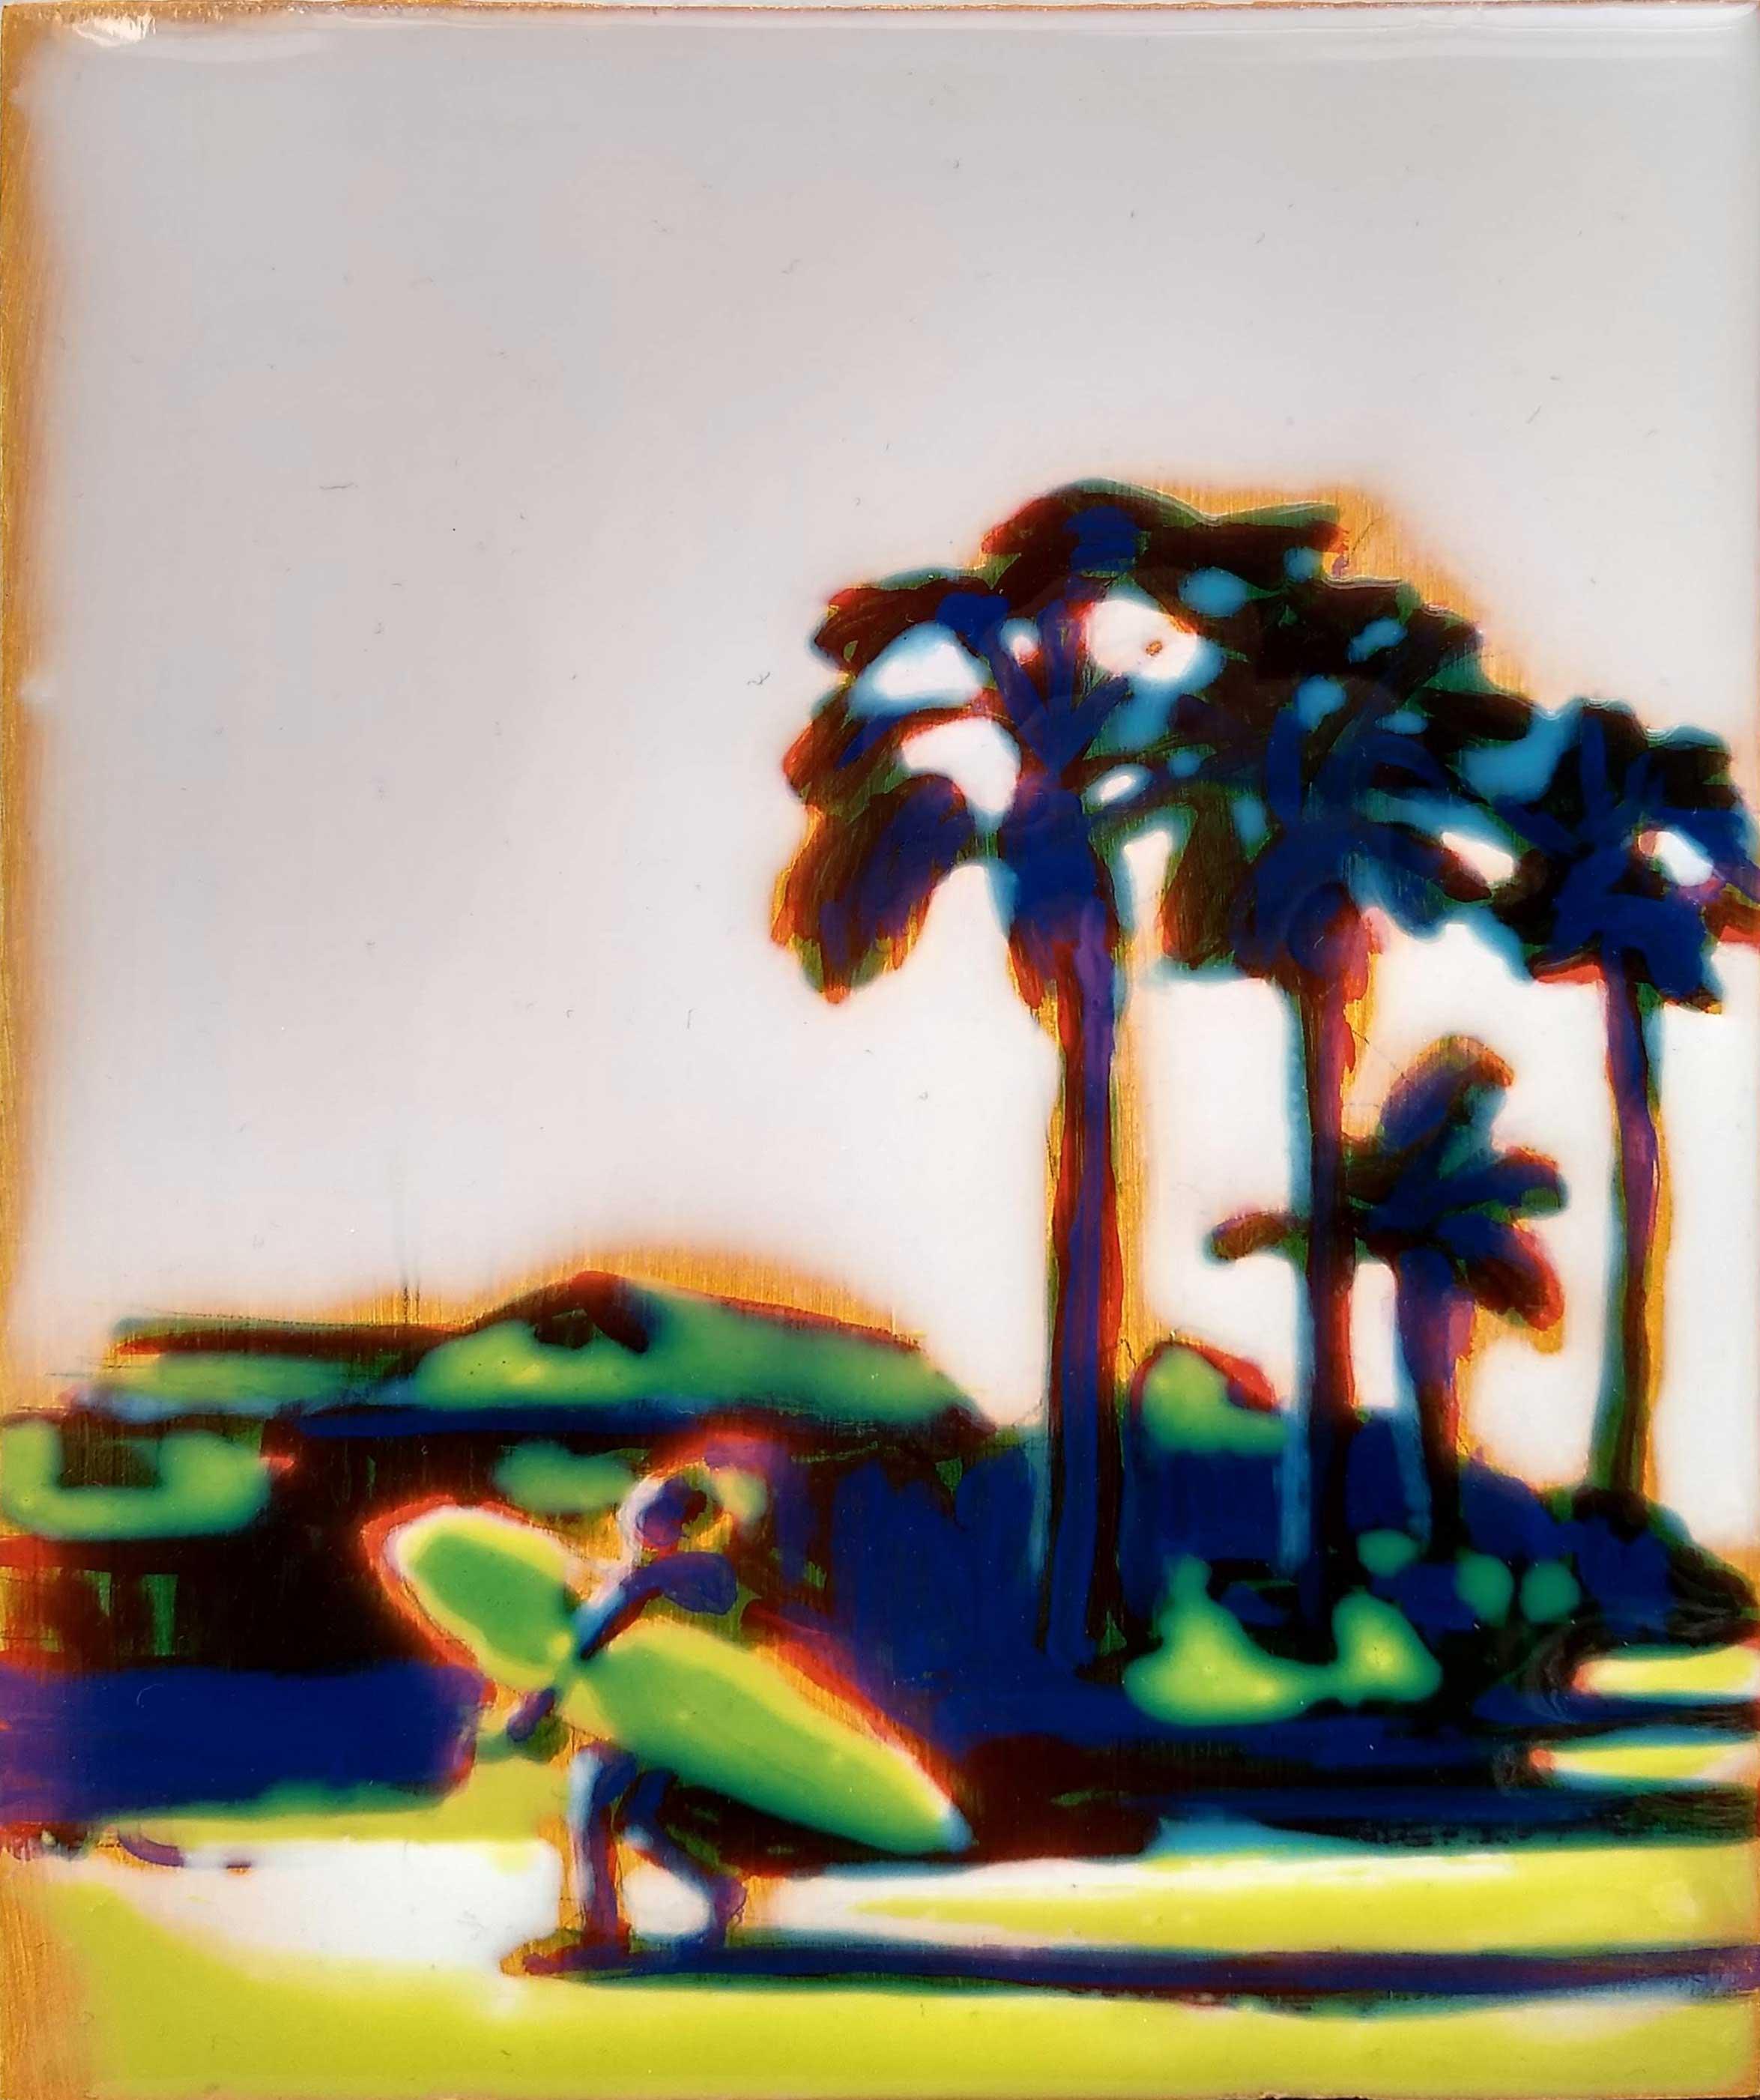 WORK ON WOOD  17 x 13 cm Acrylic and epoxy  Sold